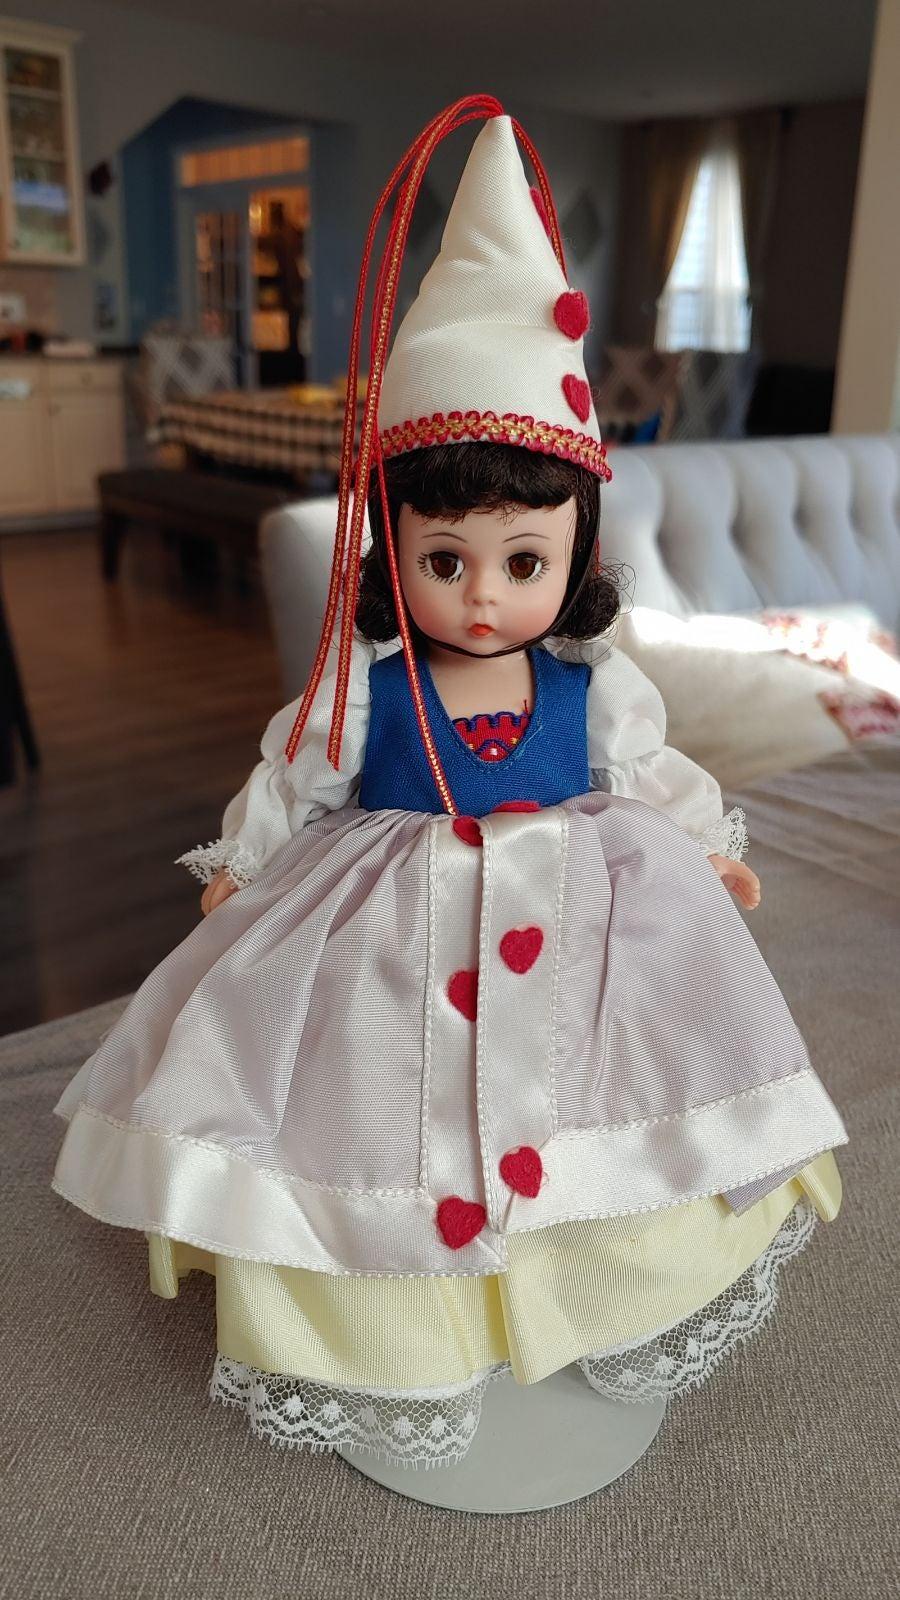 Madame Alexander Queen of hearts